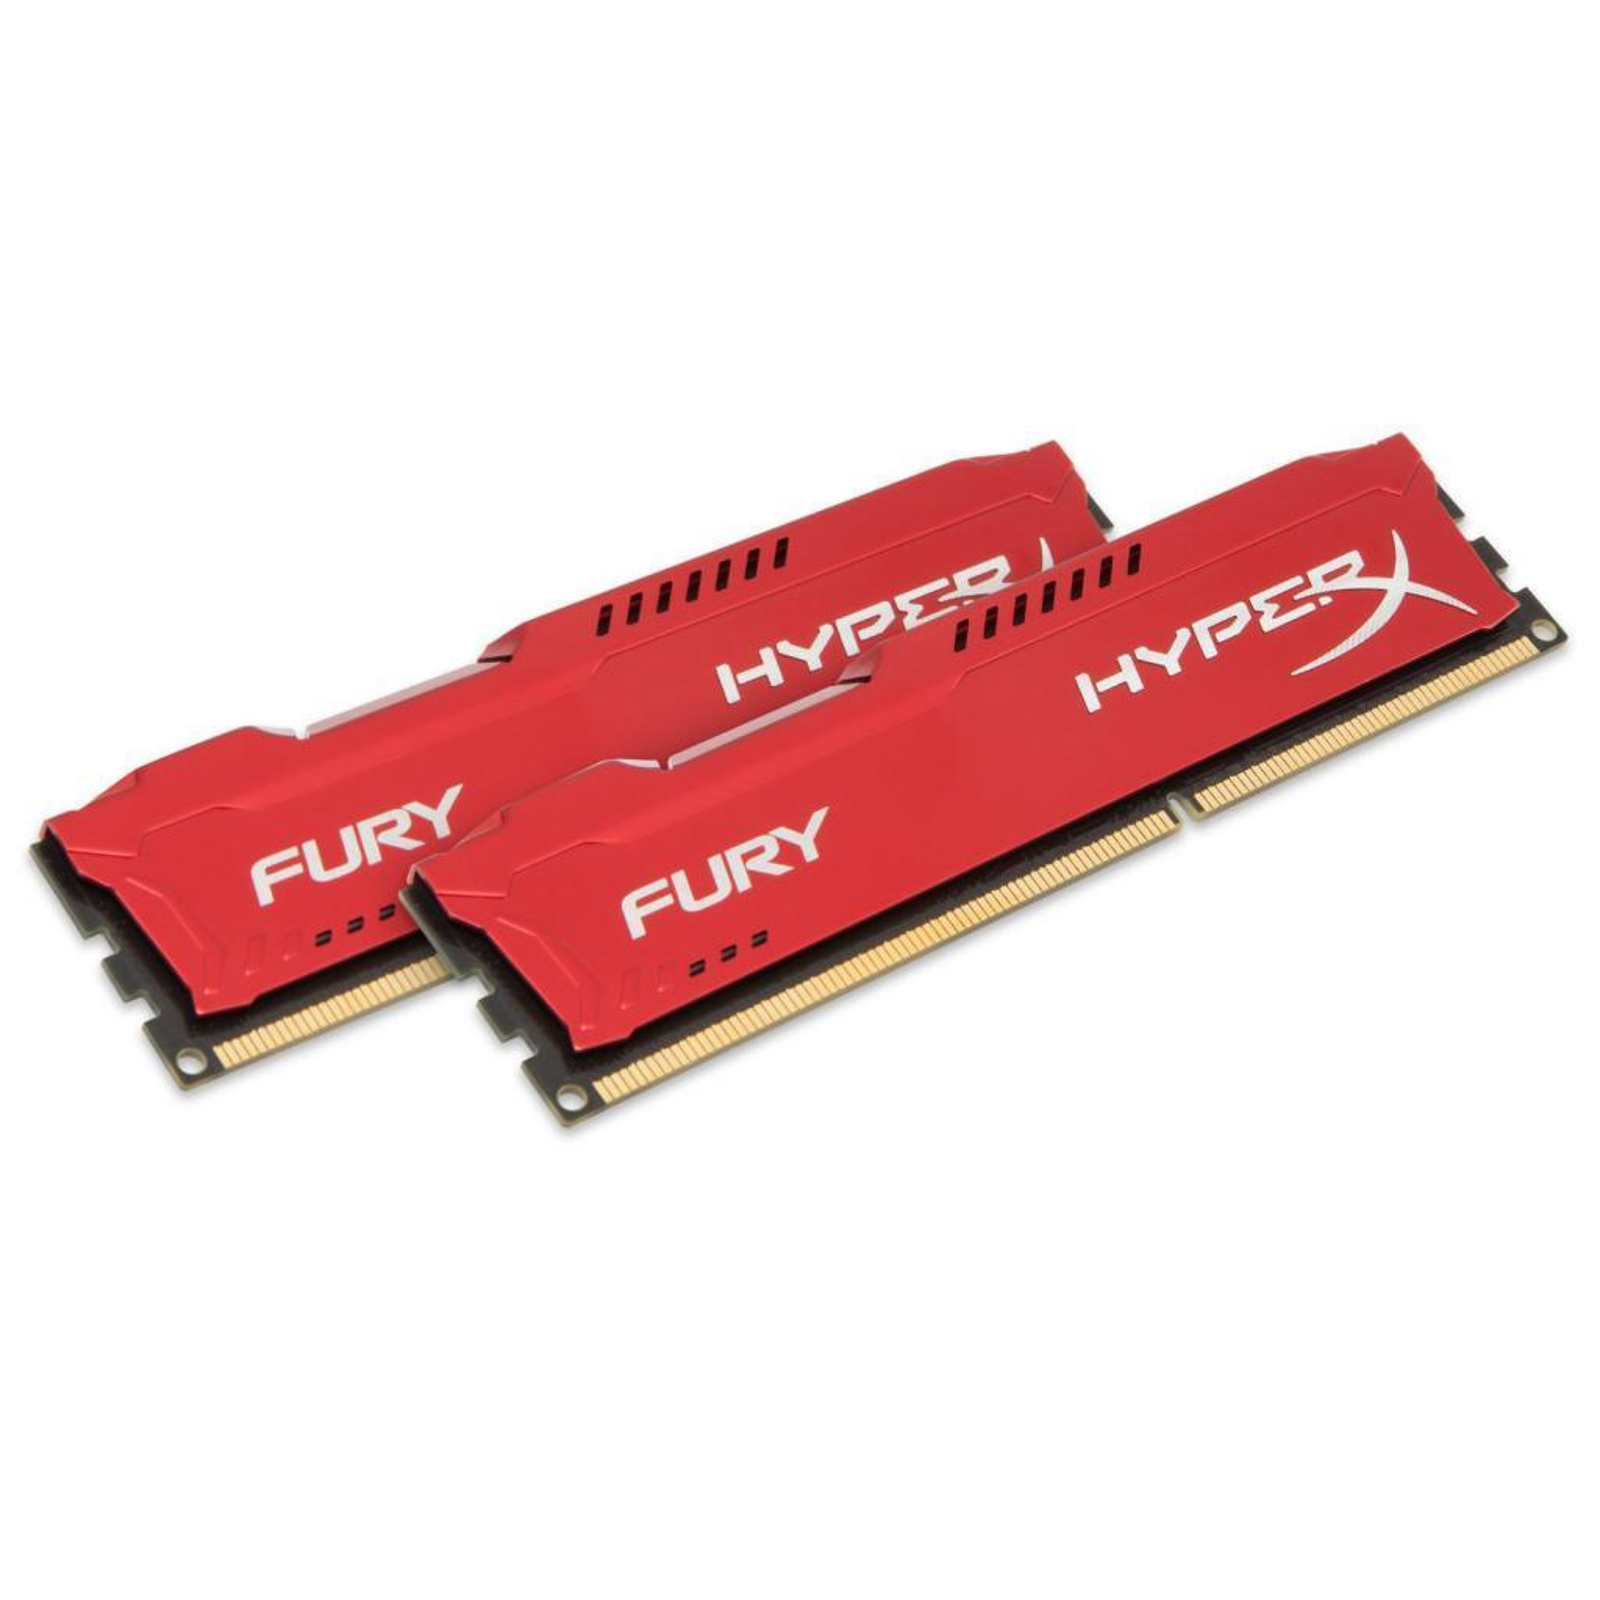 Модуль памяти для компьютера DDR4 32GB (4x8GB) 2933 MHz HyperX FURY Red HyperX (Kingston Fury) (HX429C17FR2K4/32) изображение 2